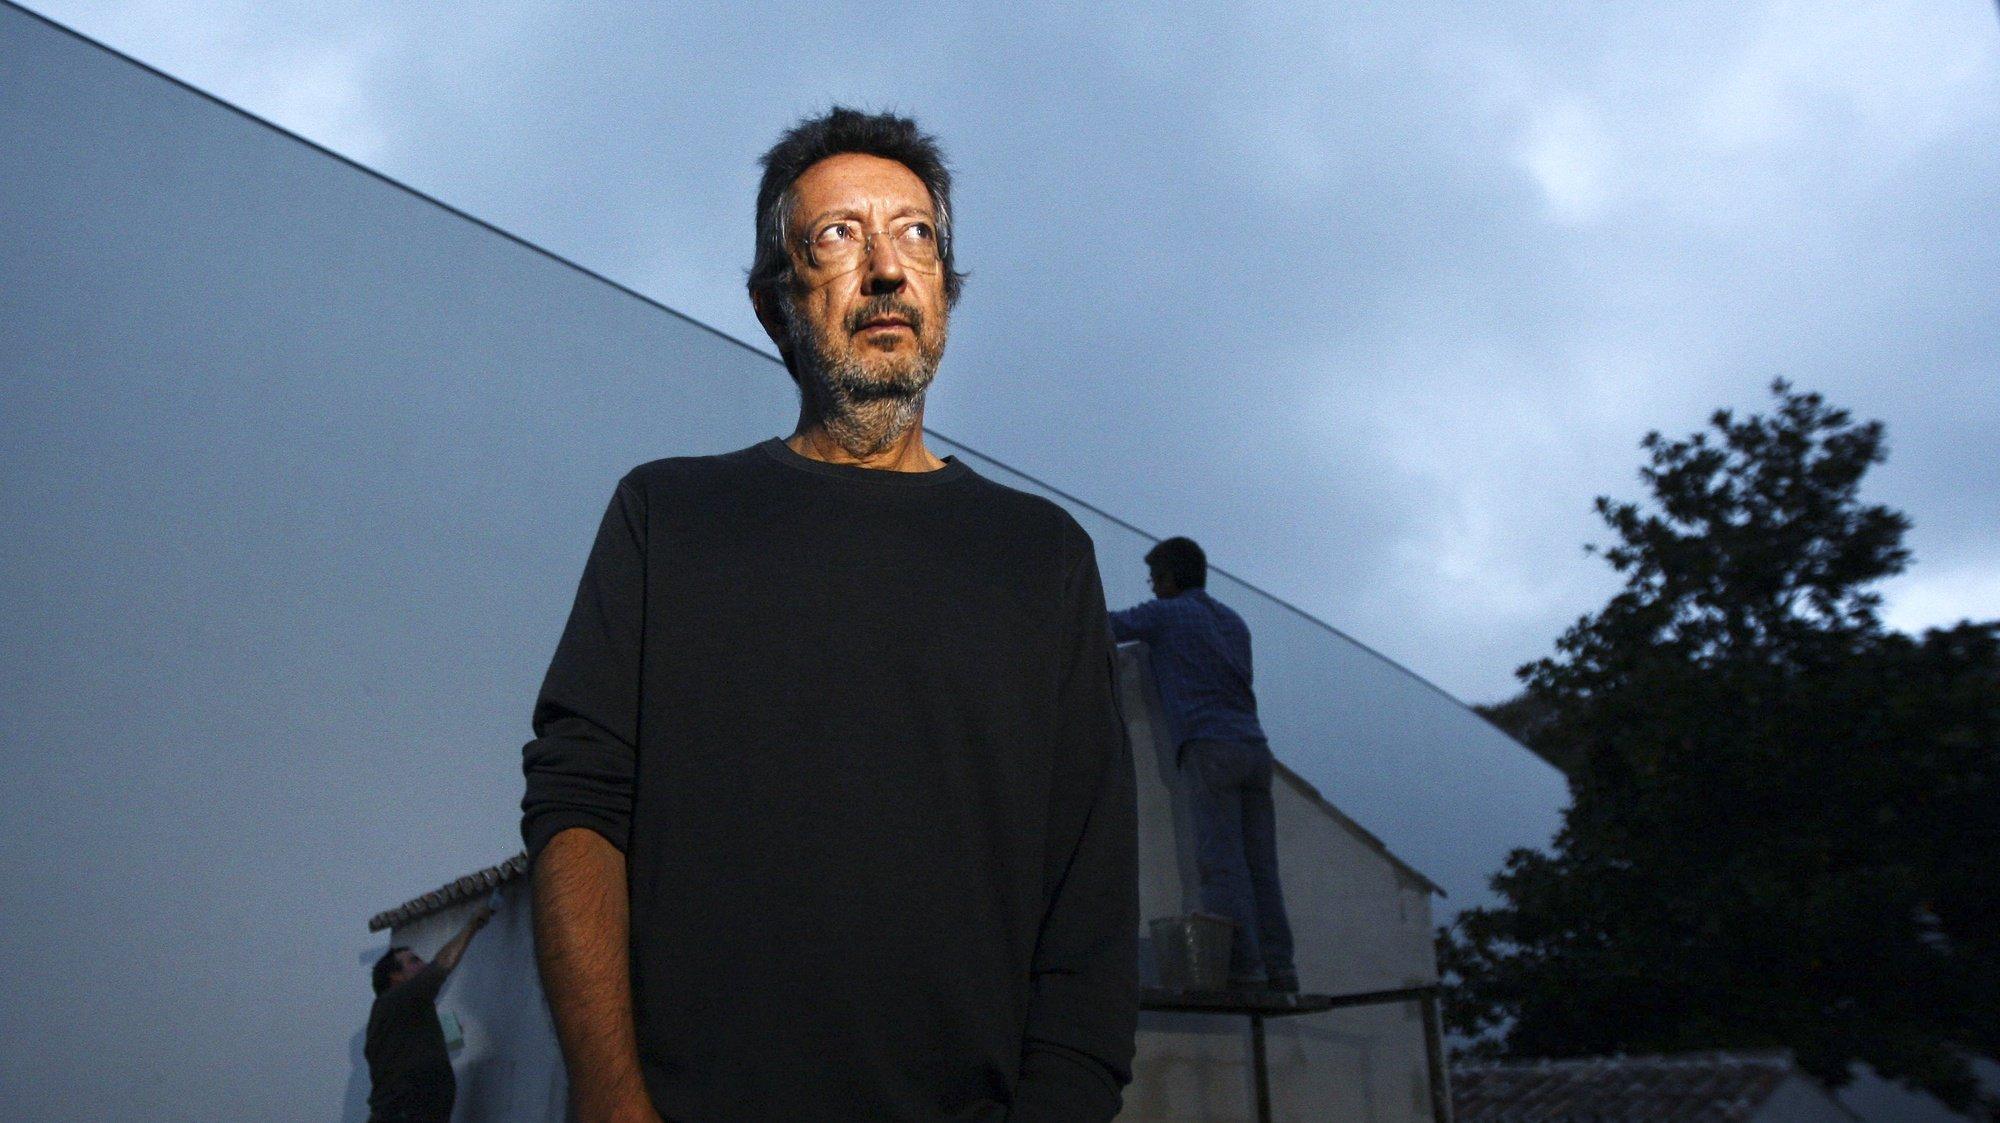 Fotografia de arquivo datada de 22 de novembro de 2012, do artista plástico Julião Sarmento, que morreu hoje, aos 72 anos, em Lisboa, 04 de maio de 2021. ESTELA SILVA/LUSA